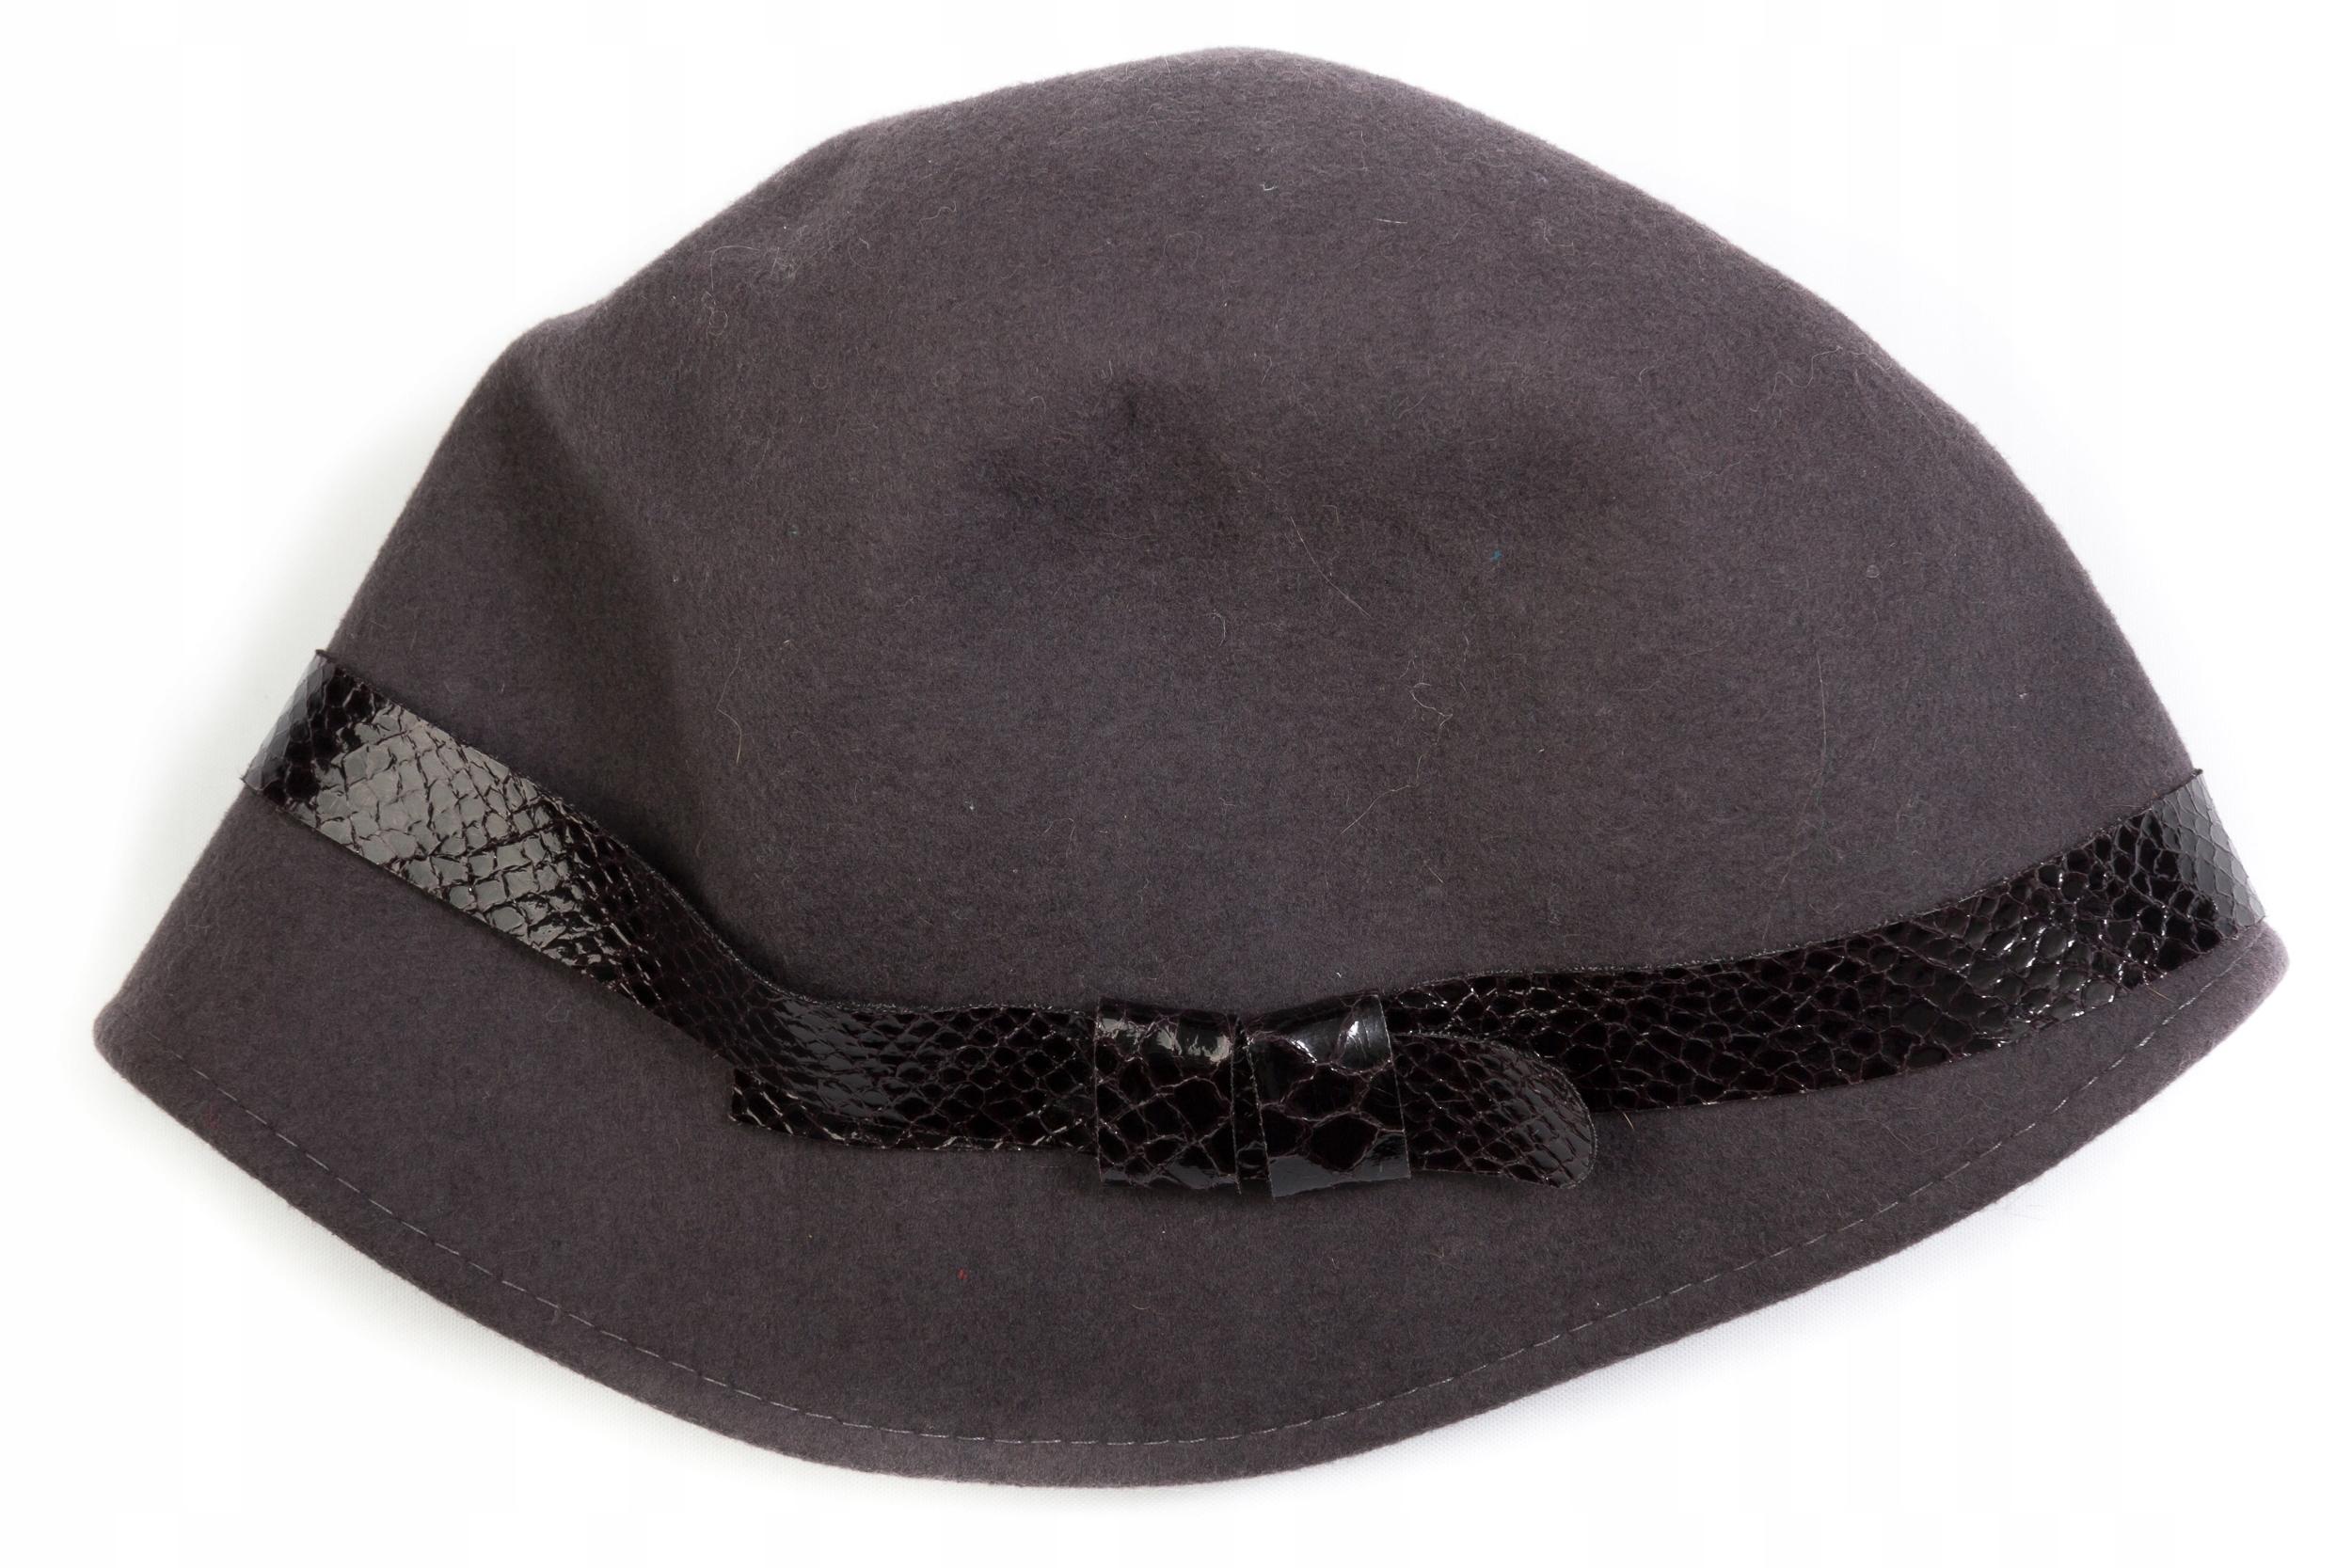 CAPOGIRO - oryginalny włoski kapelusz wełniany